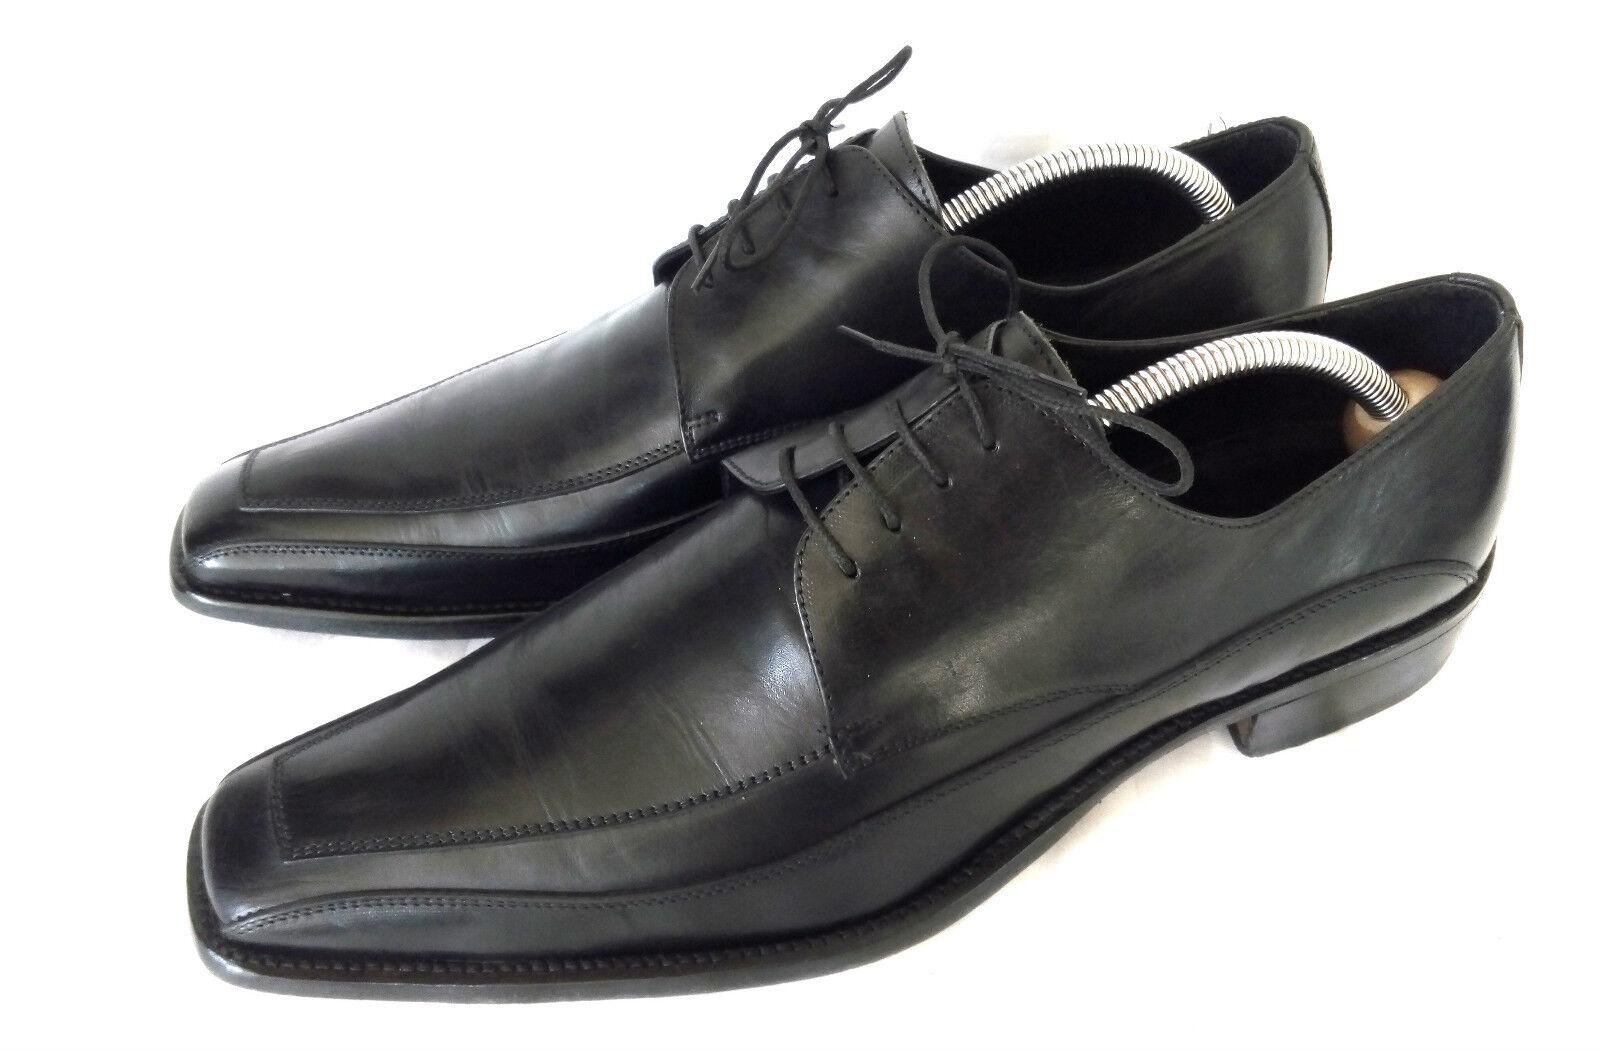 Wigtown Derby Business Herrenschuhe wie Apron Toe Schwarz Leder Gr. 44 - 44,5